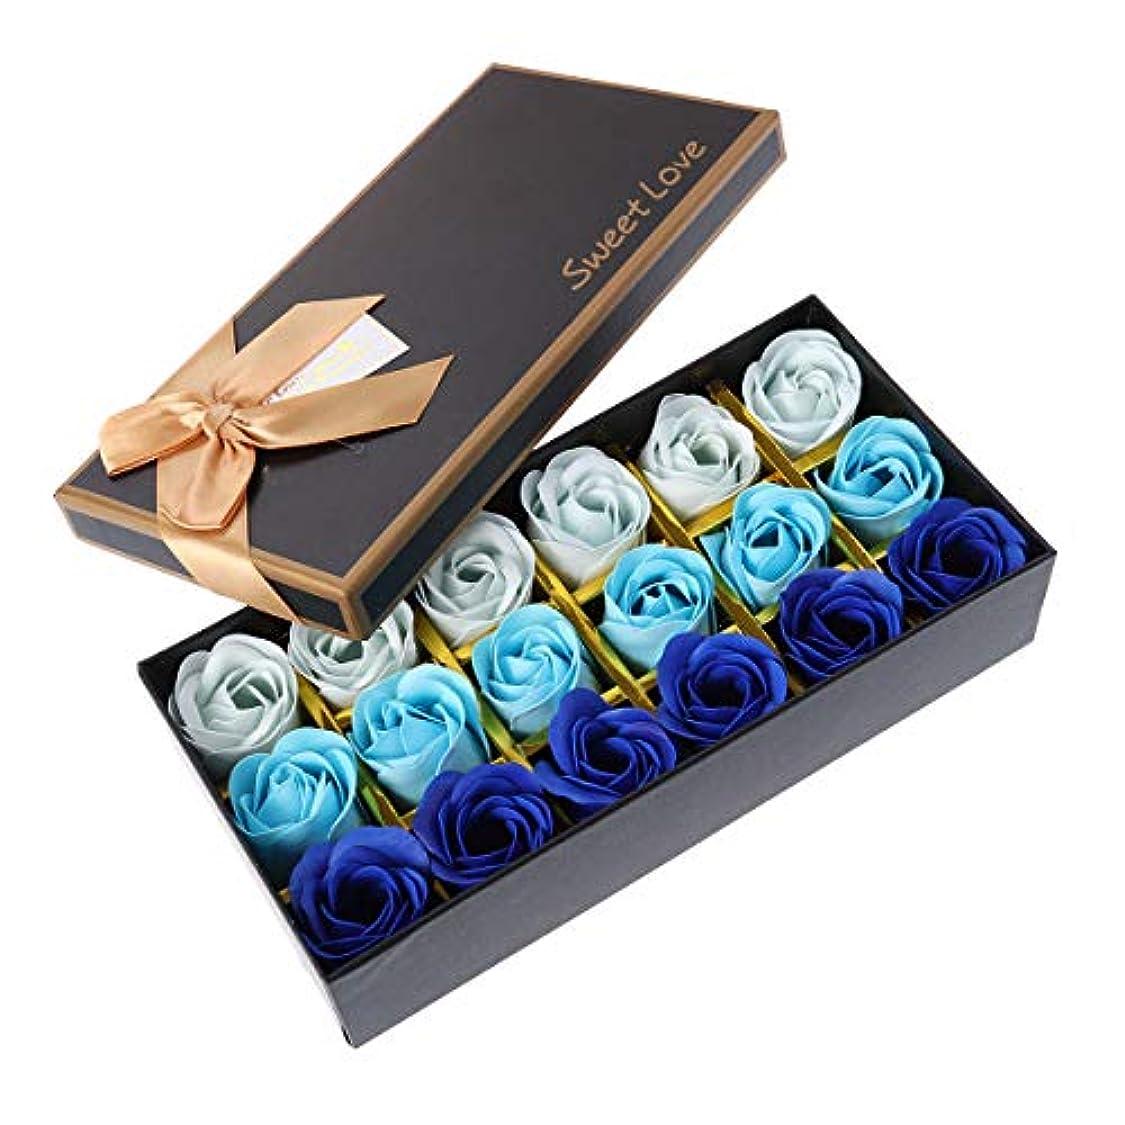 効率自動化クラシカルBeaupretty バレンタインデーの結婚式の誕生日プレゼントのための小さなクマとバラの石鹸の花